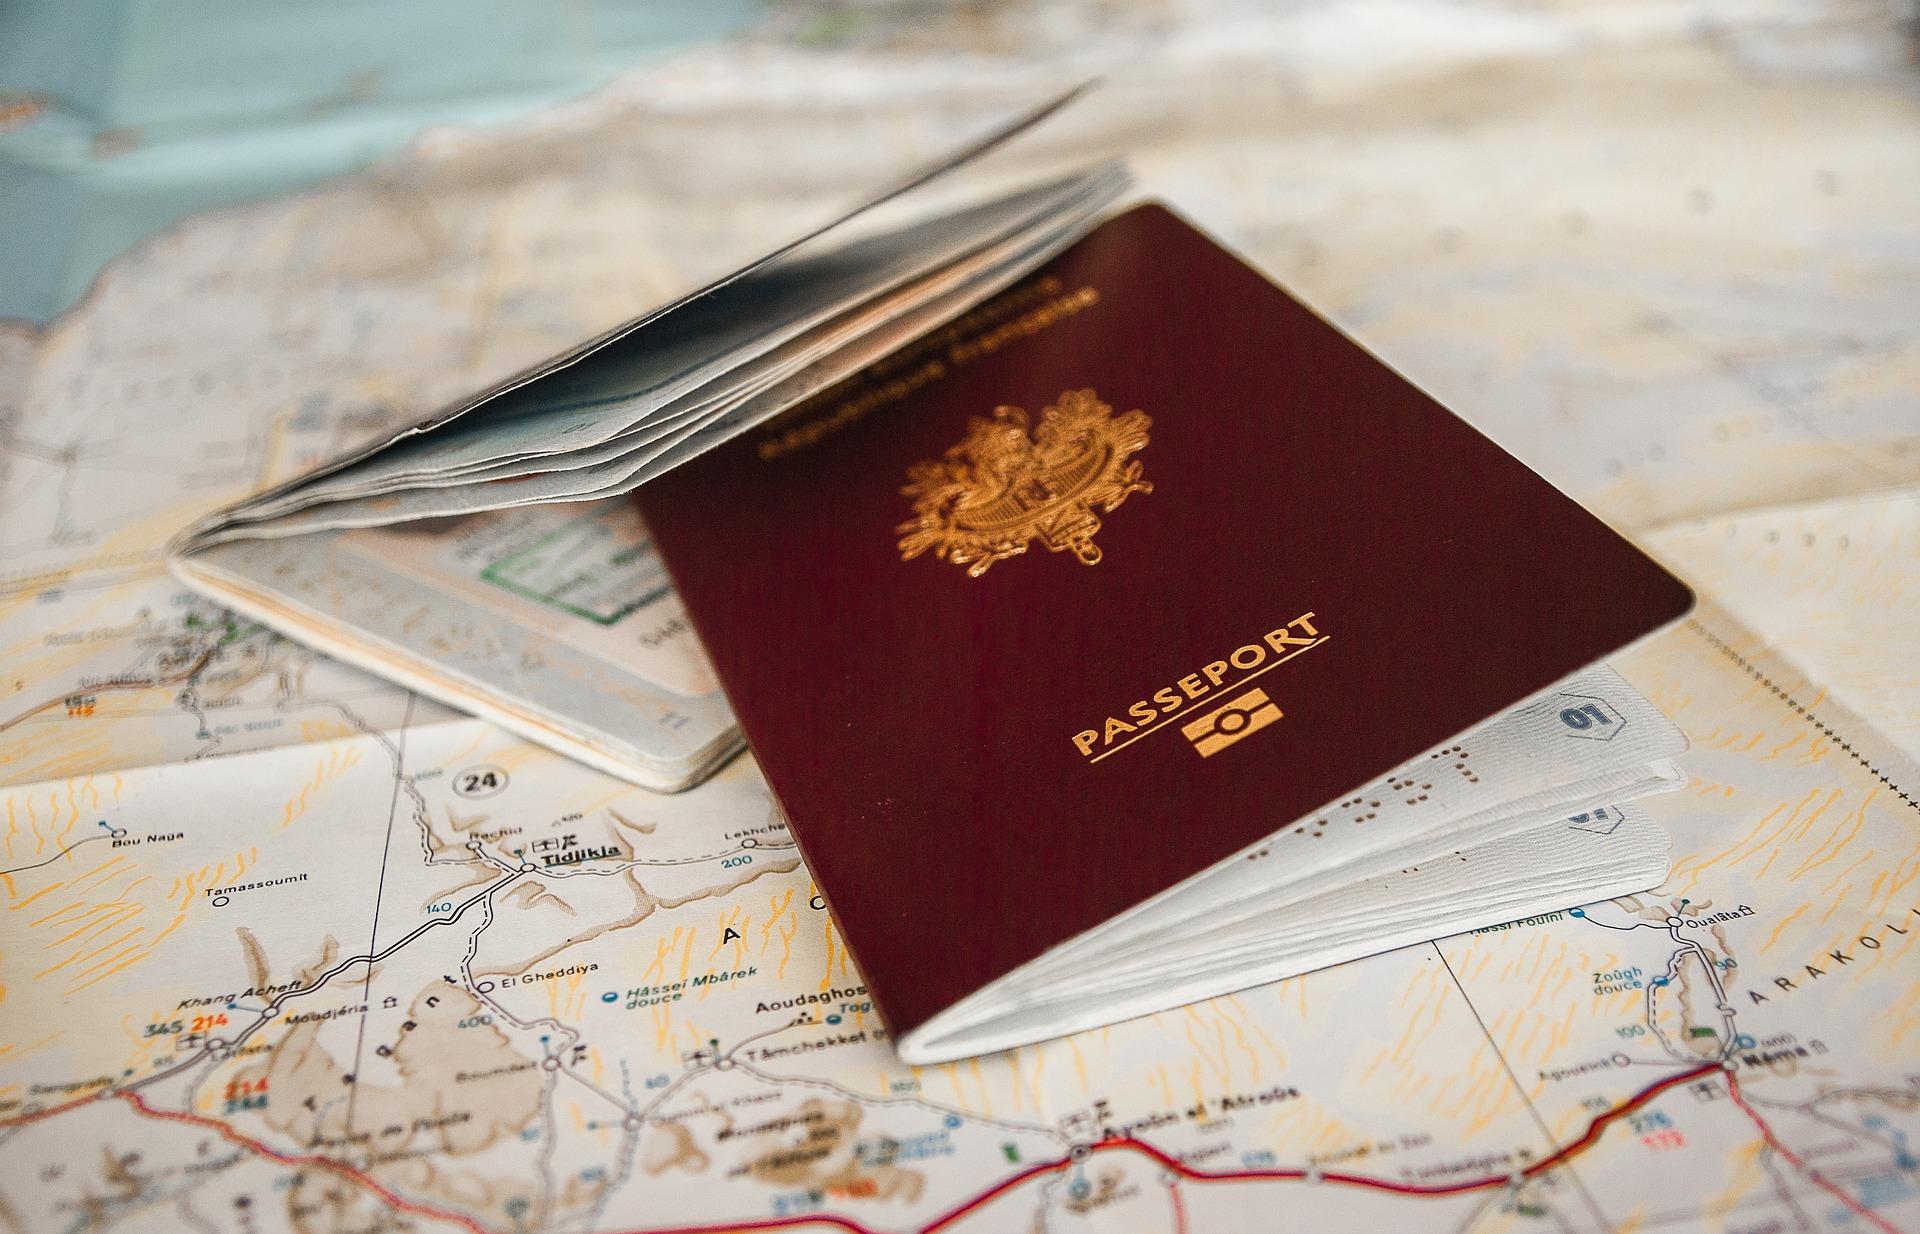 Les parents de la jeune Bosniaque tondue ont été expulsés.